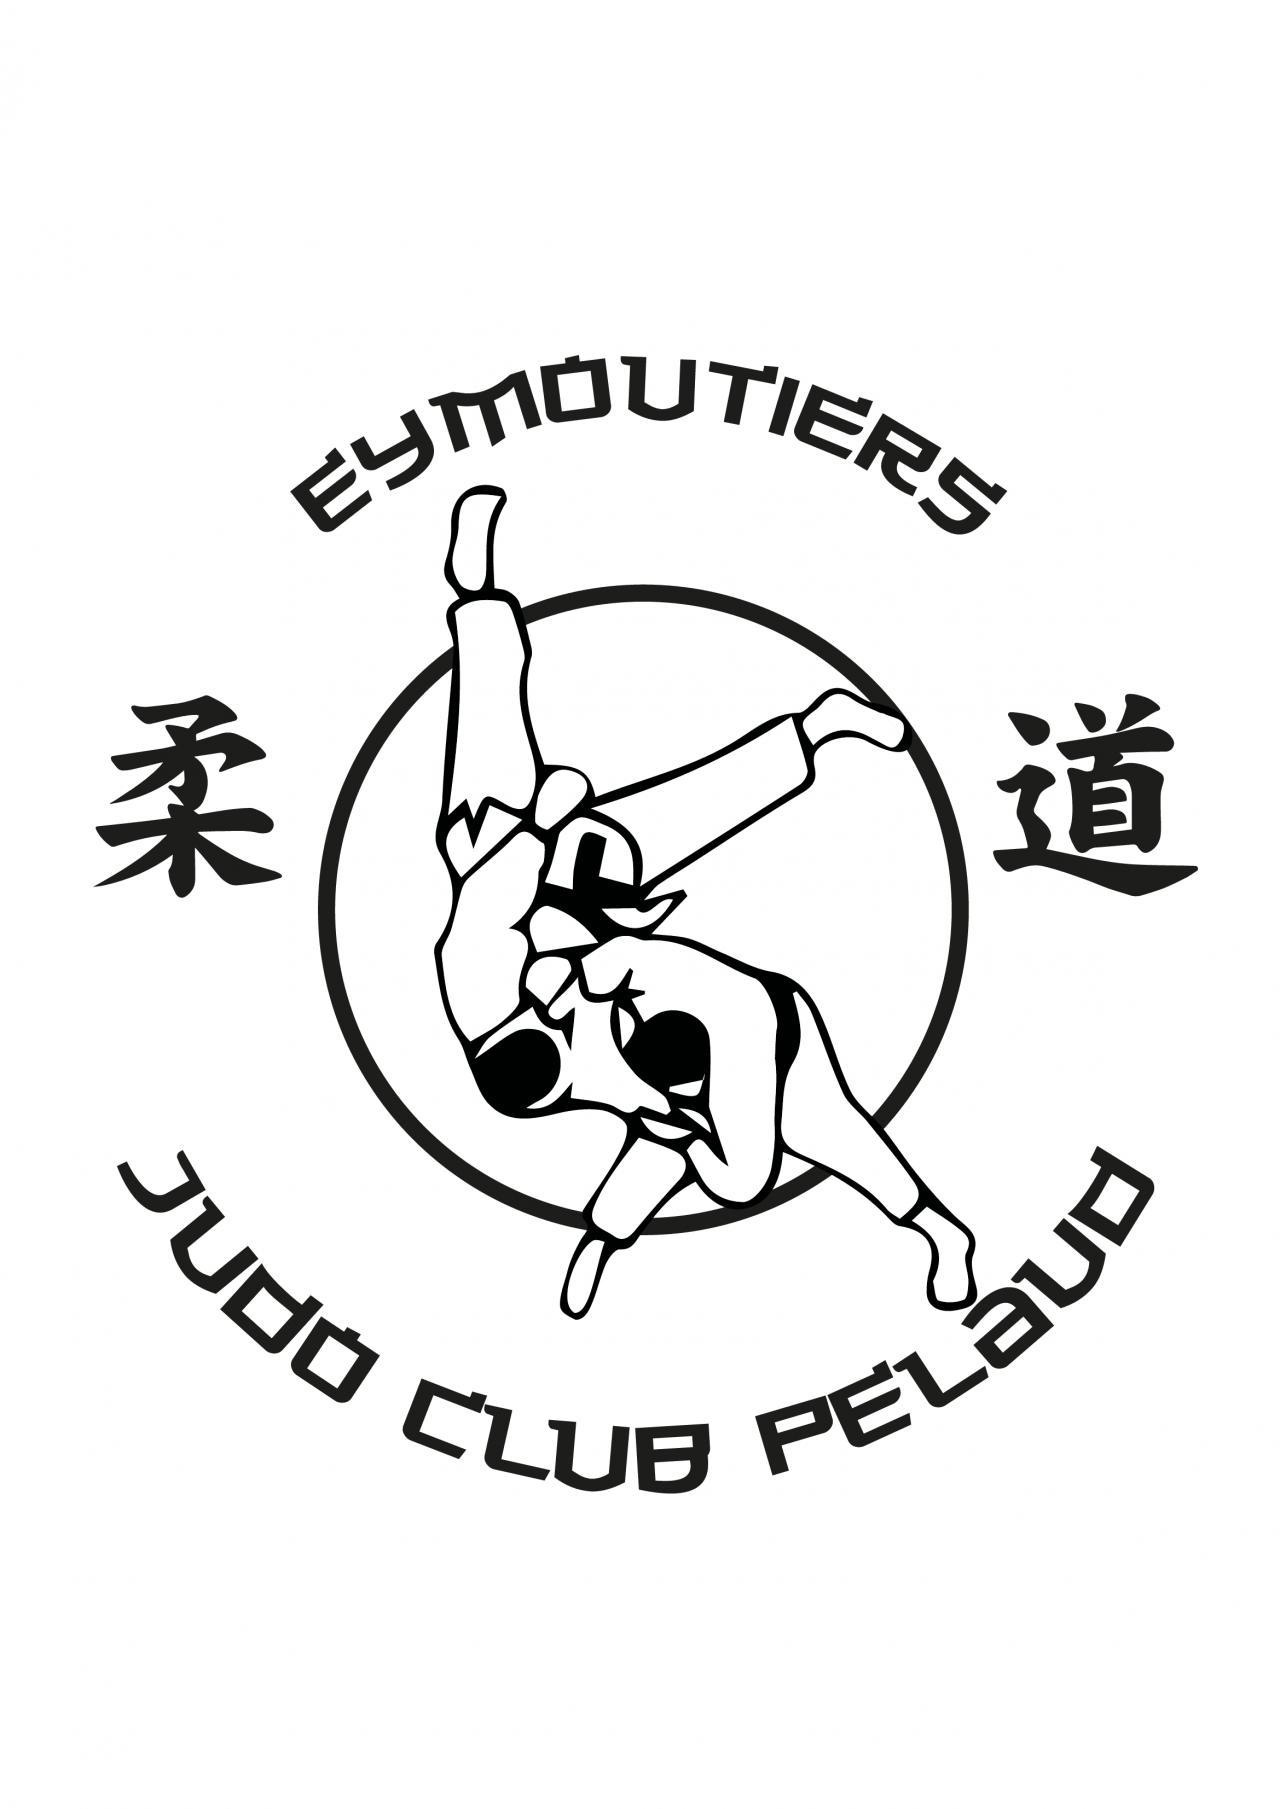 Logo JUDO CLUB PELAUD